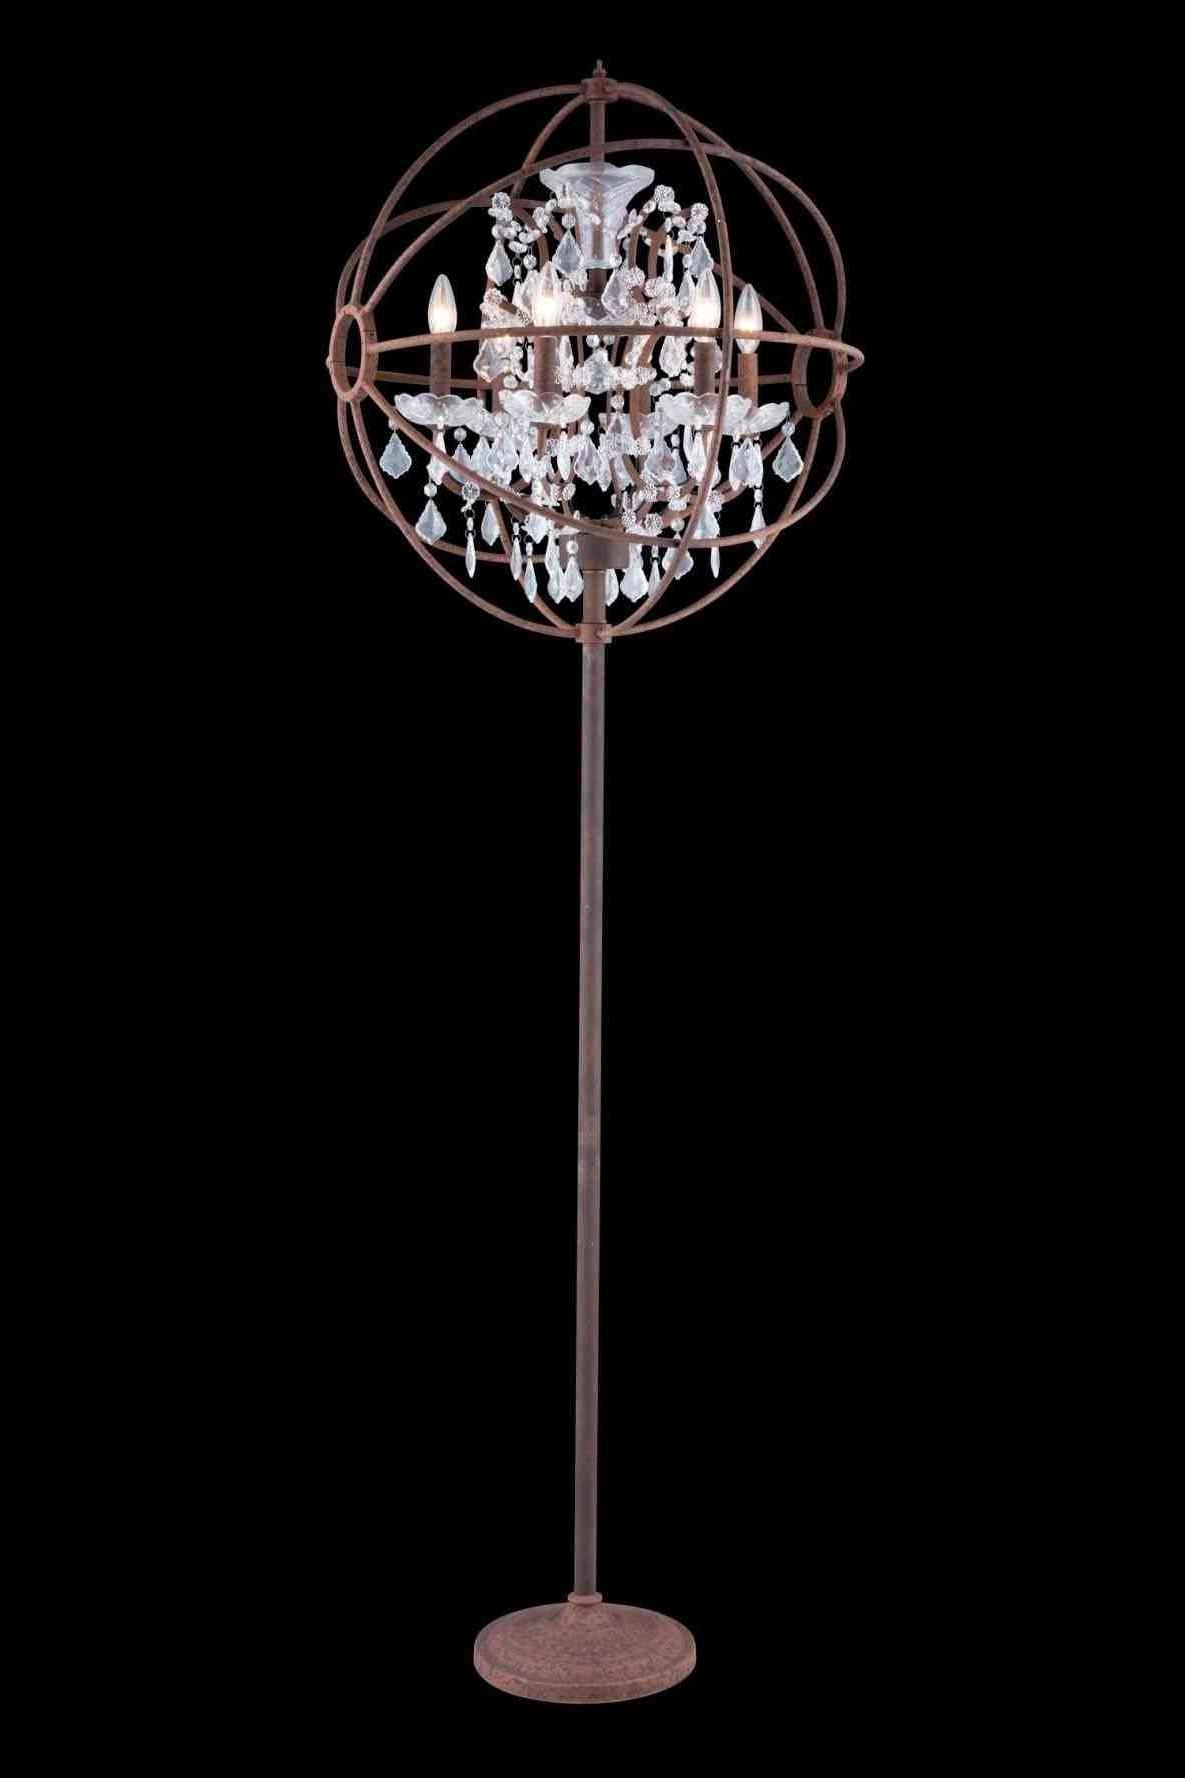 Popular Targetrhvirmnet Lamps Standing Photo Source Rheatstatuskuocom Floor For Crystal Chandelier Standing Lamps (View 3 of 20)